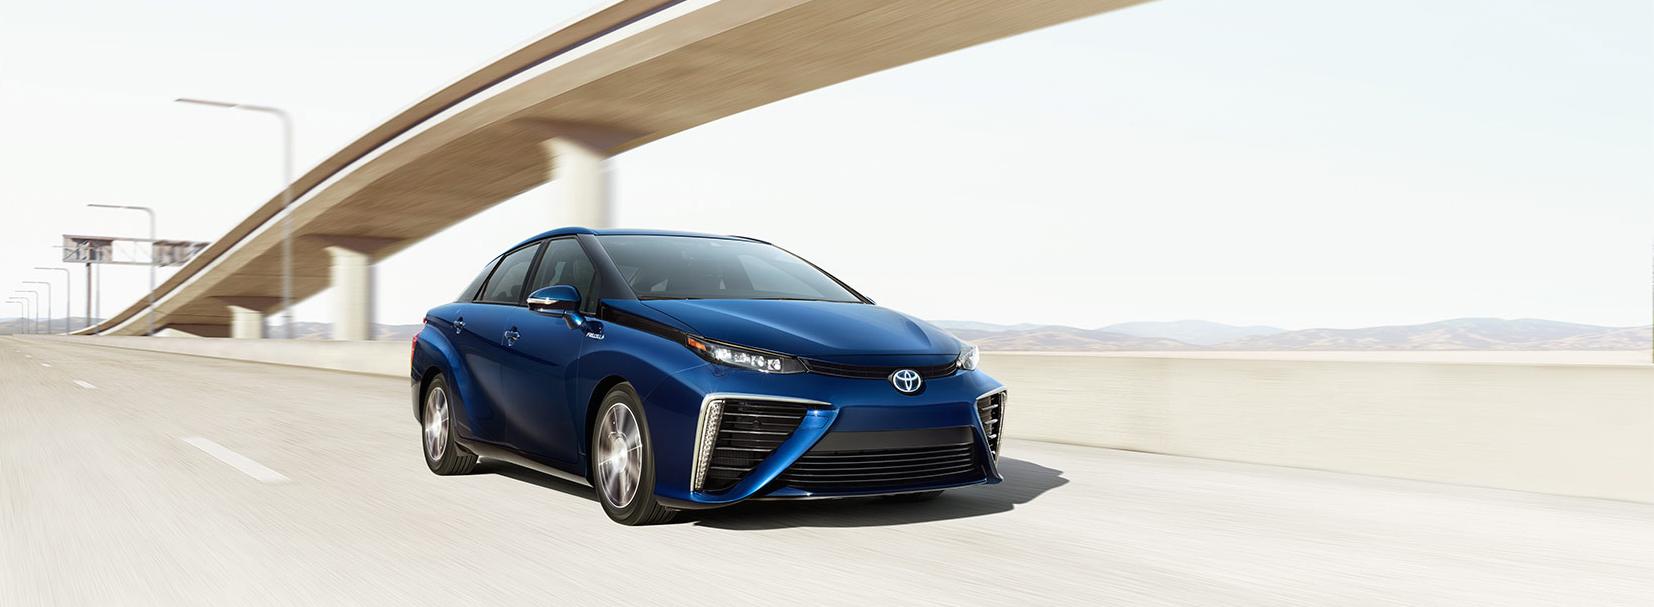 Toyota właśnie pokazała, że Tesla musi jeszcze sporo popracować